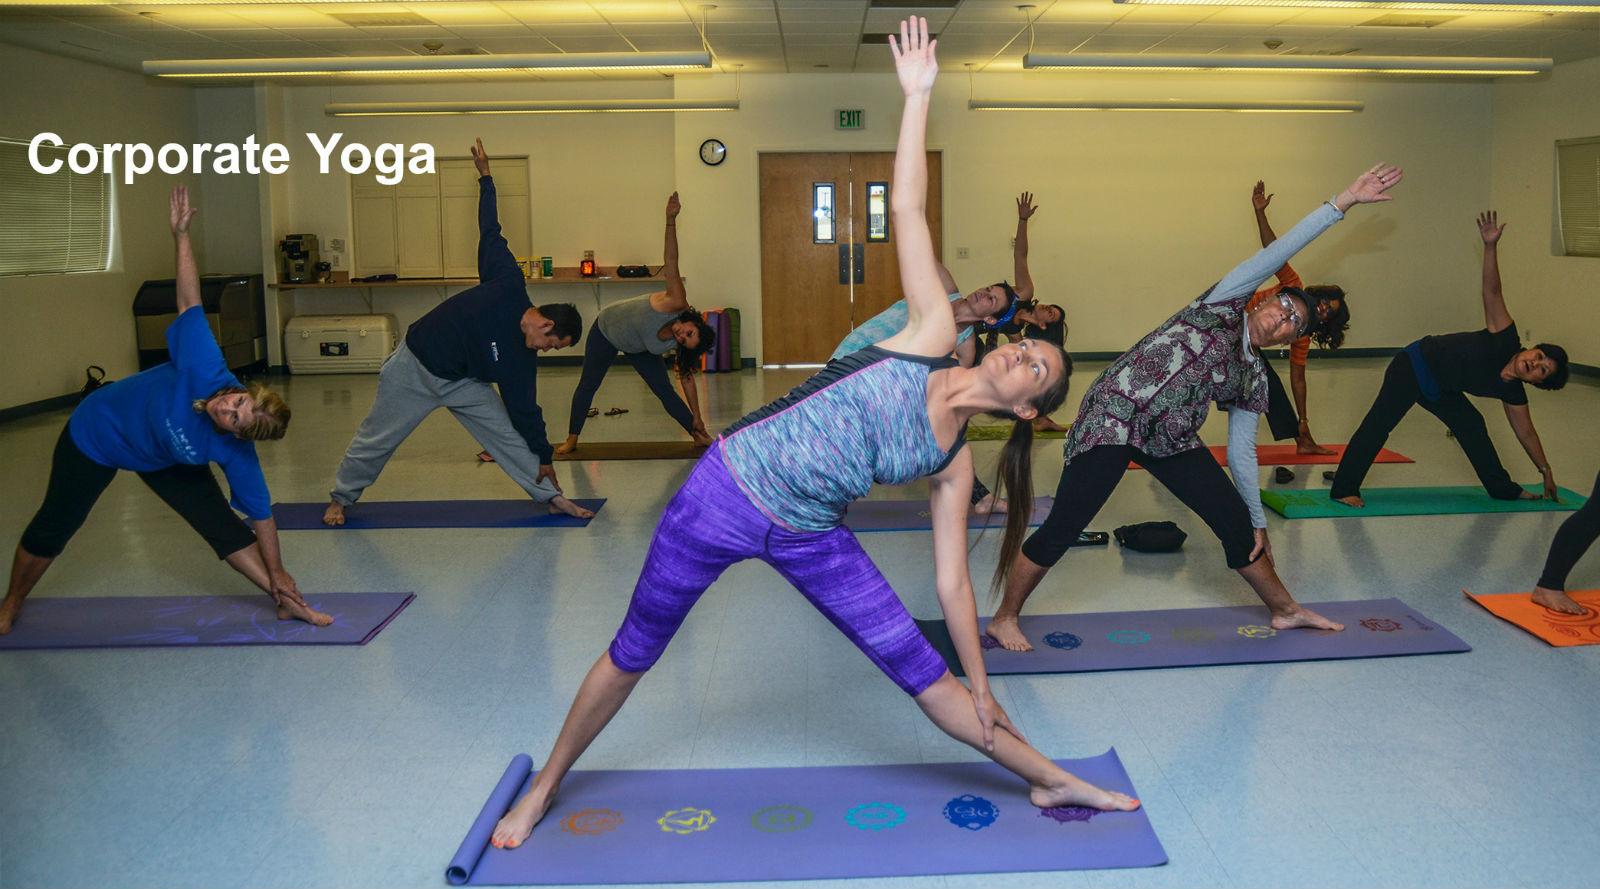 Office Yoga, Corporate Yoga & Yoga at Work, Atlanta, GA